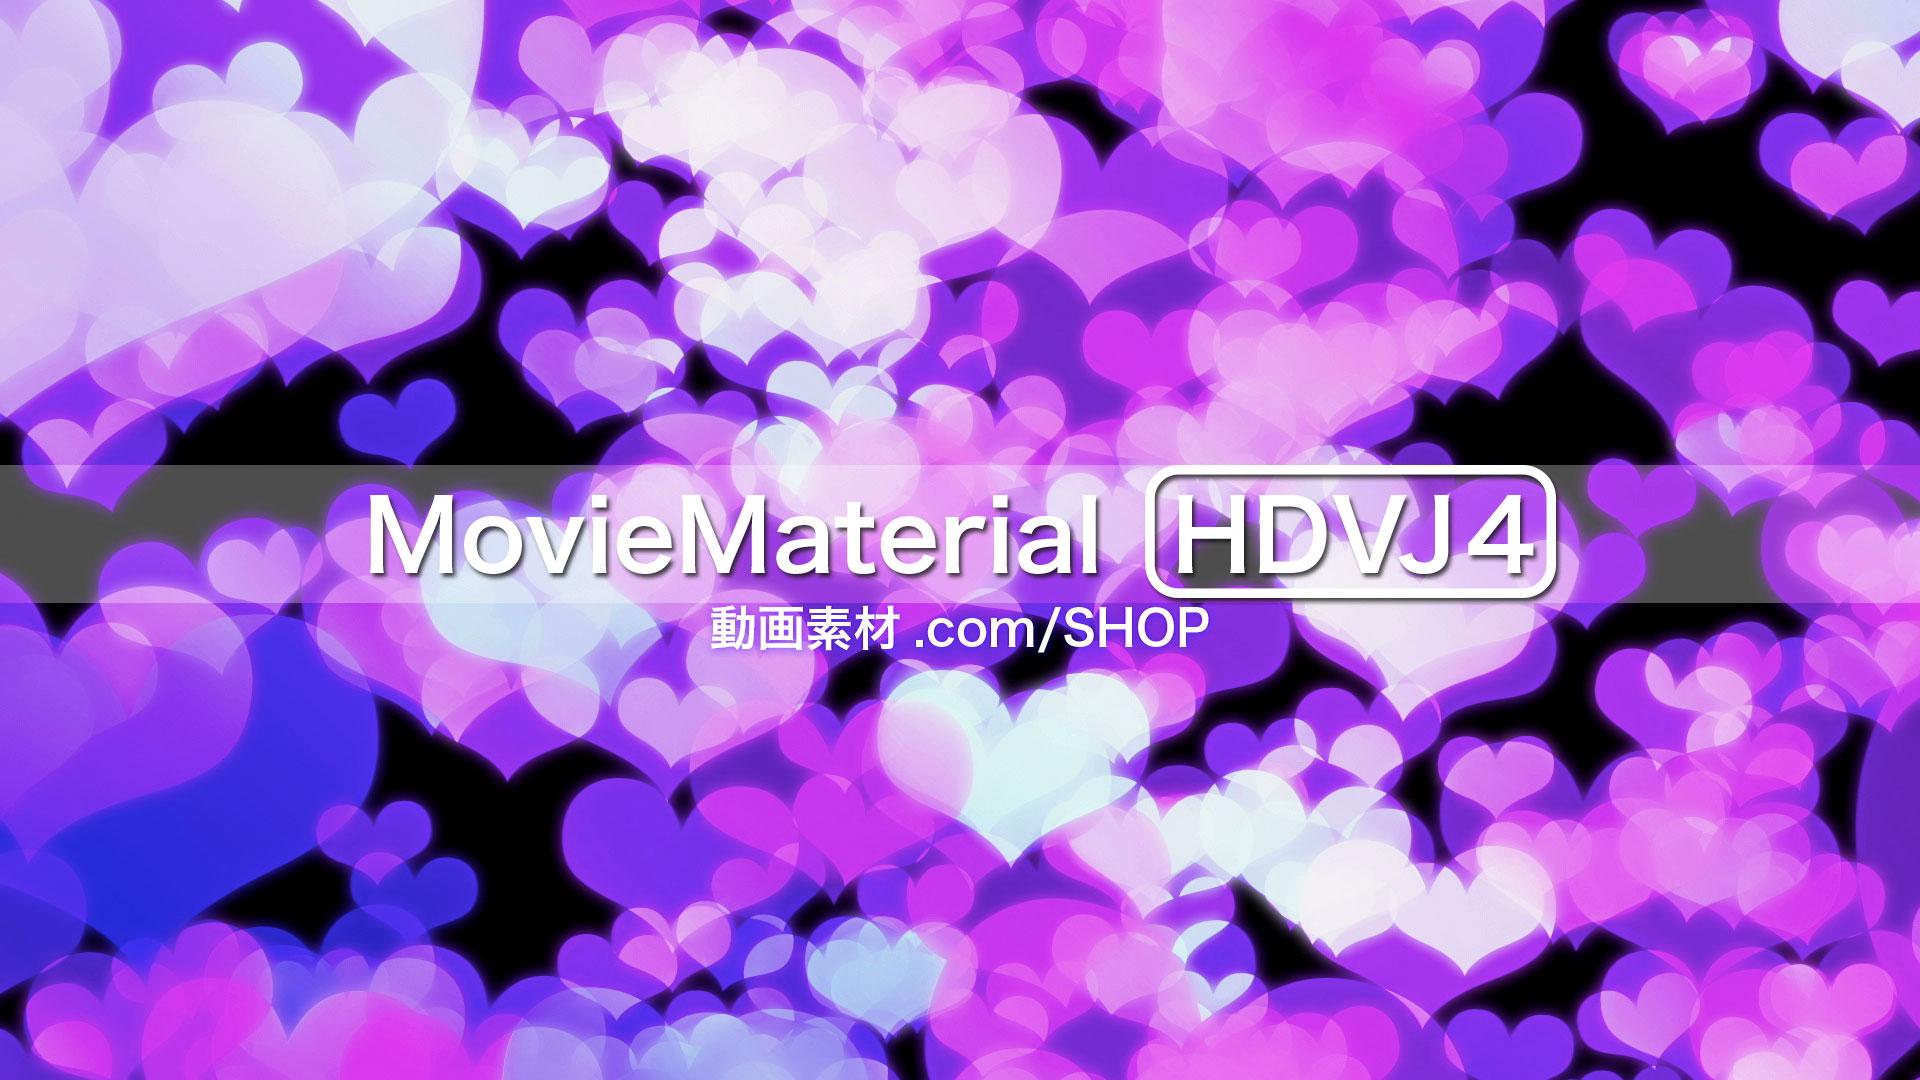 フルハイビジョン動画素材集第4段【MovieMaterial HDVJ4】ロイヤリティフリー(著作権使用料無料)5